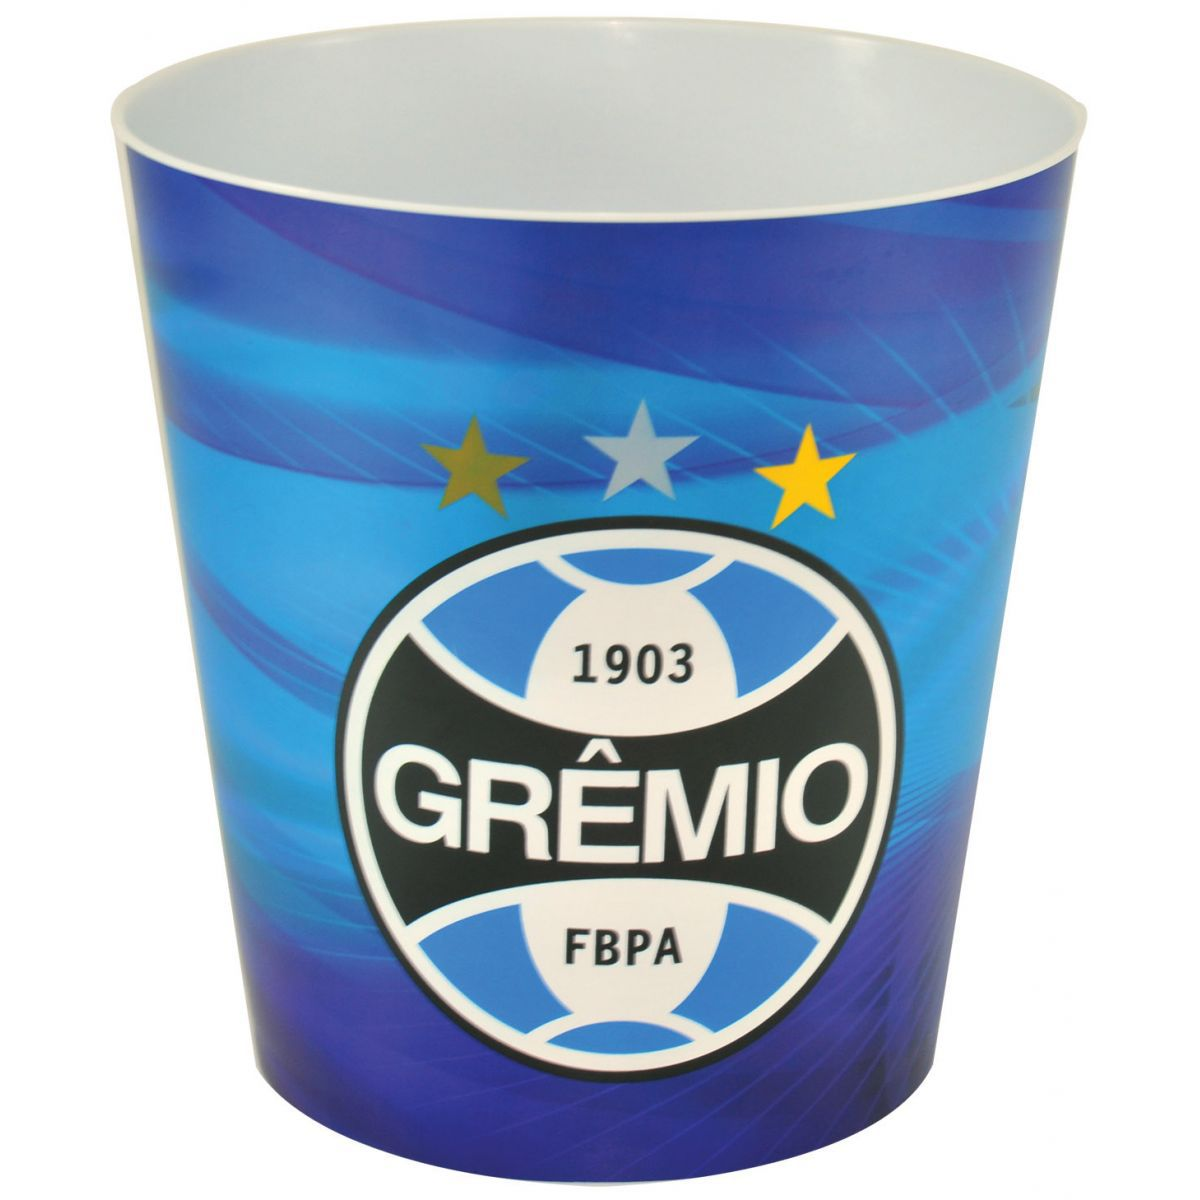 Balde de pipoca do Grêmio